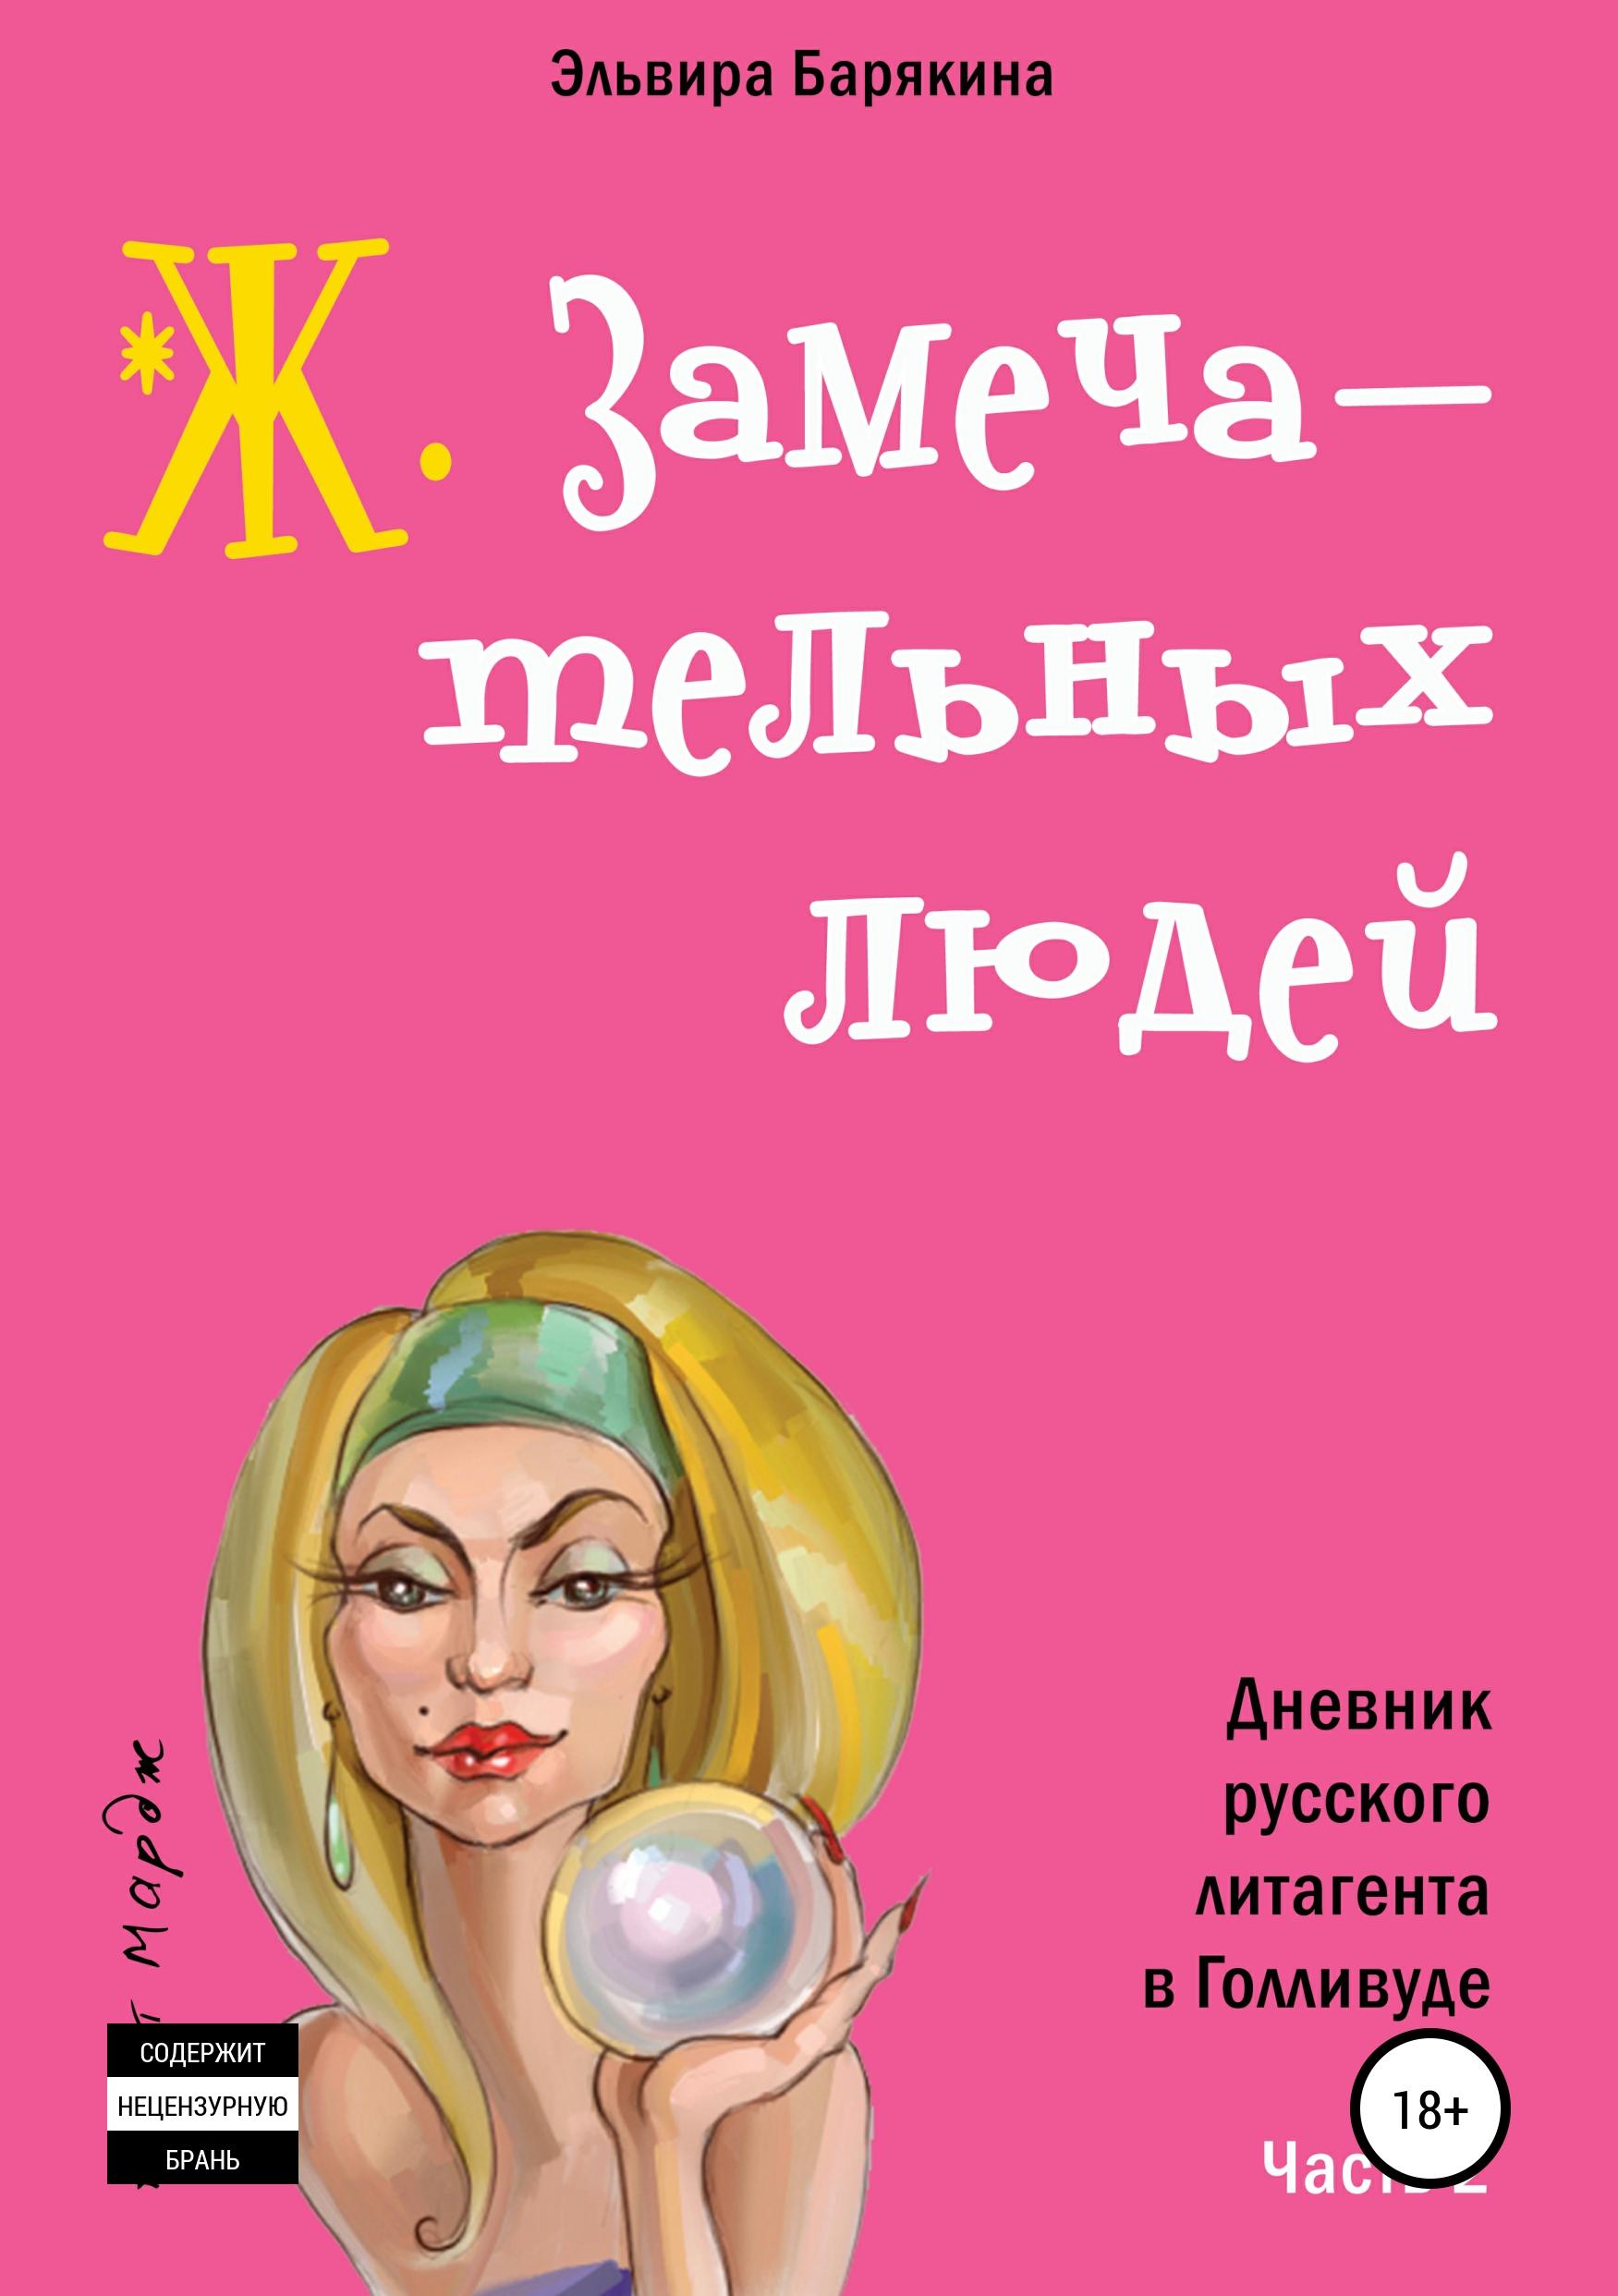 Эльвира Валерьевна Барякина Ж. замечательных людей эльвира валерьевна барякина женщина с большой буквы ж